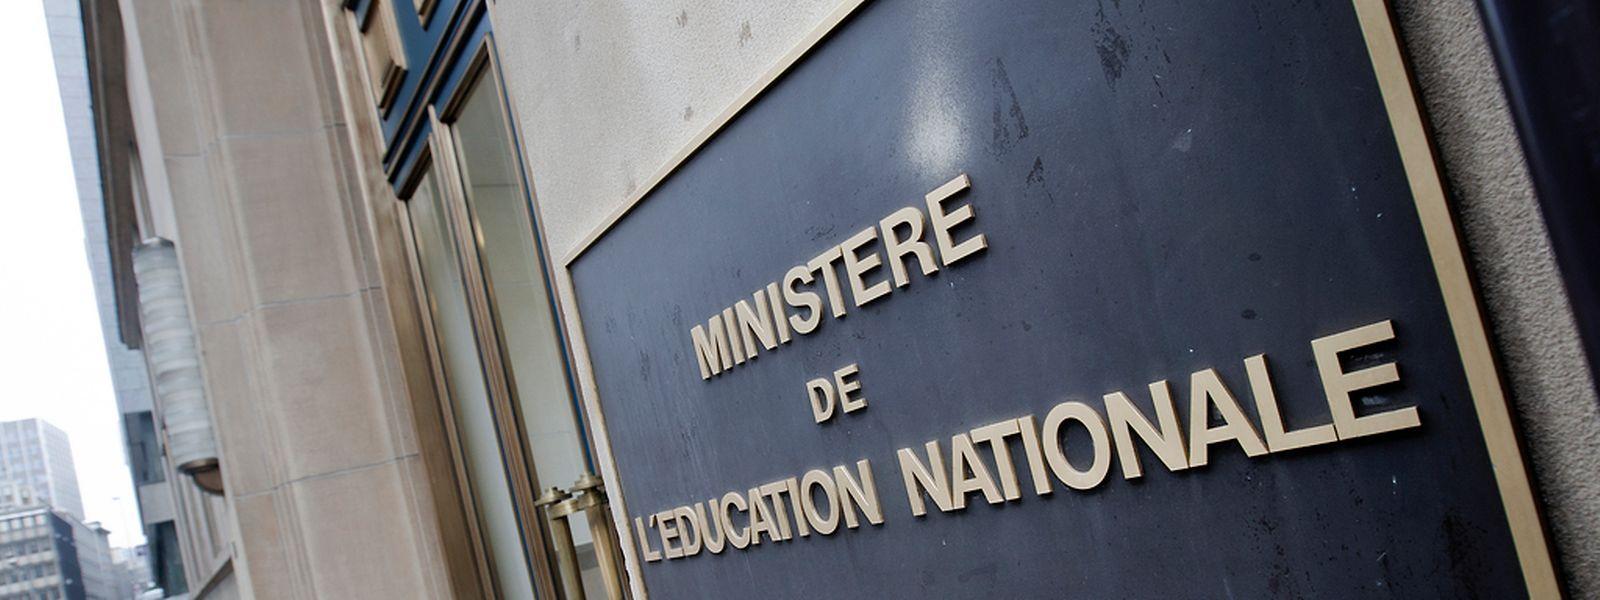 D'ici à 2018, le budget du ministère de l'Education nationale sera augmenté de 10,6% mais uniquement pour les dépenses courantes et non pour les rémunérations des enseignants